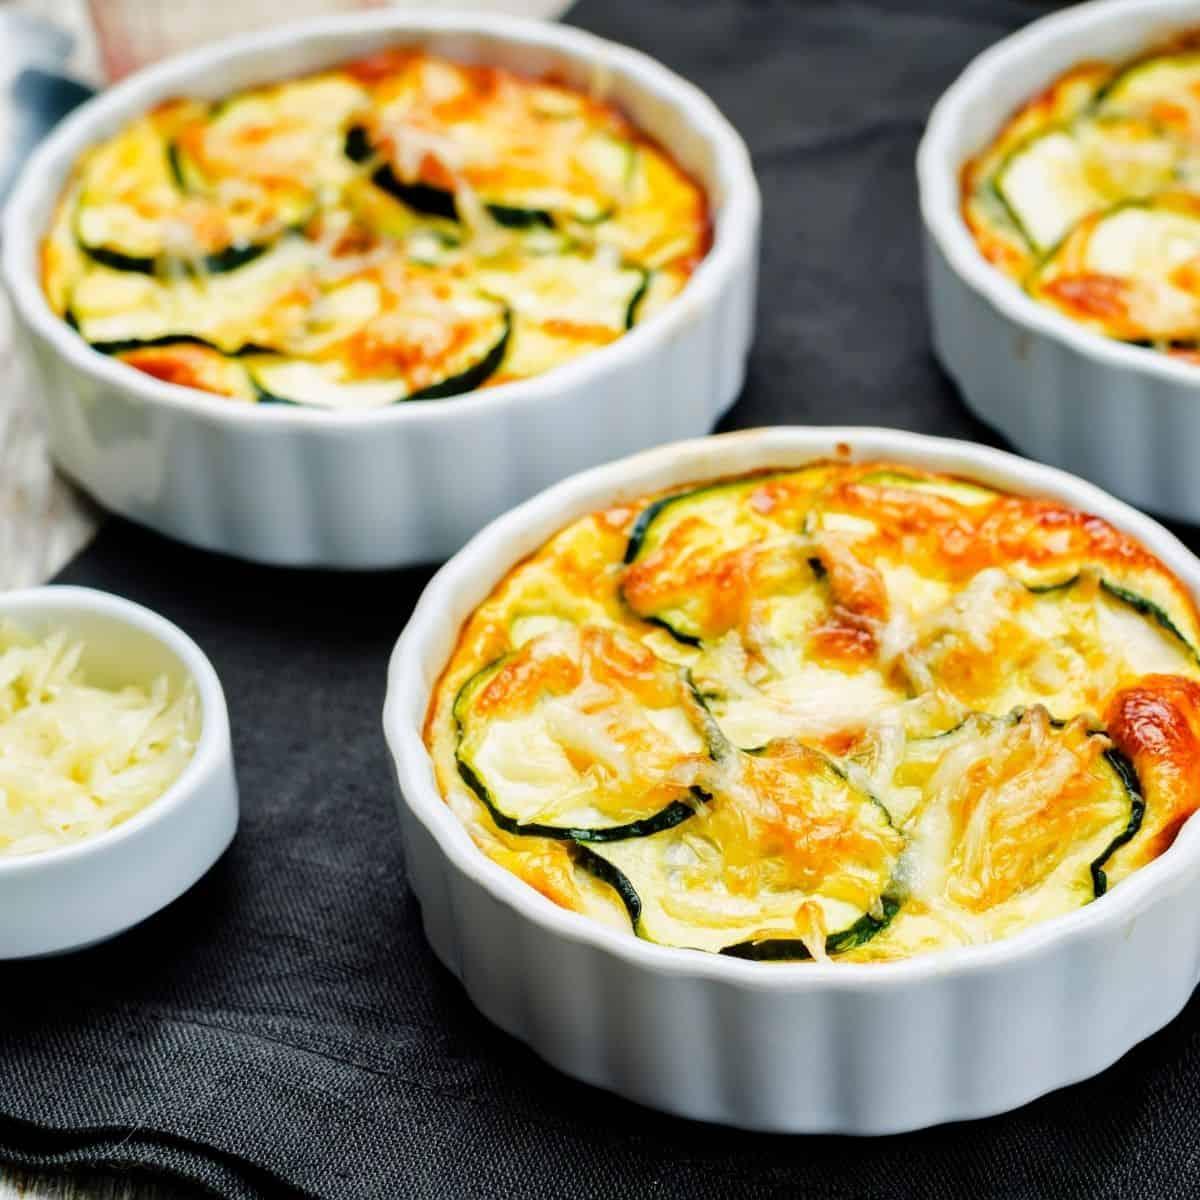 Scalloped Zucchini FI